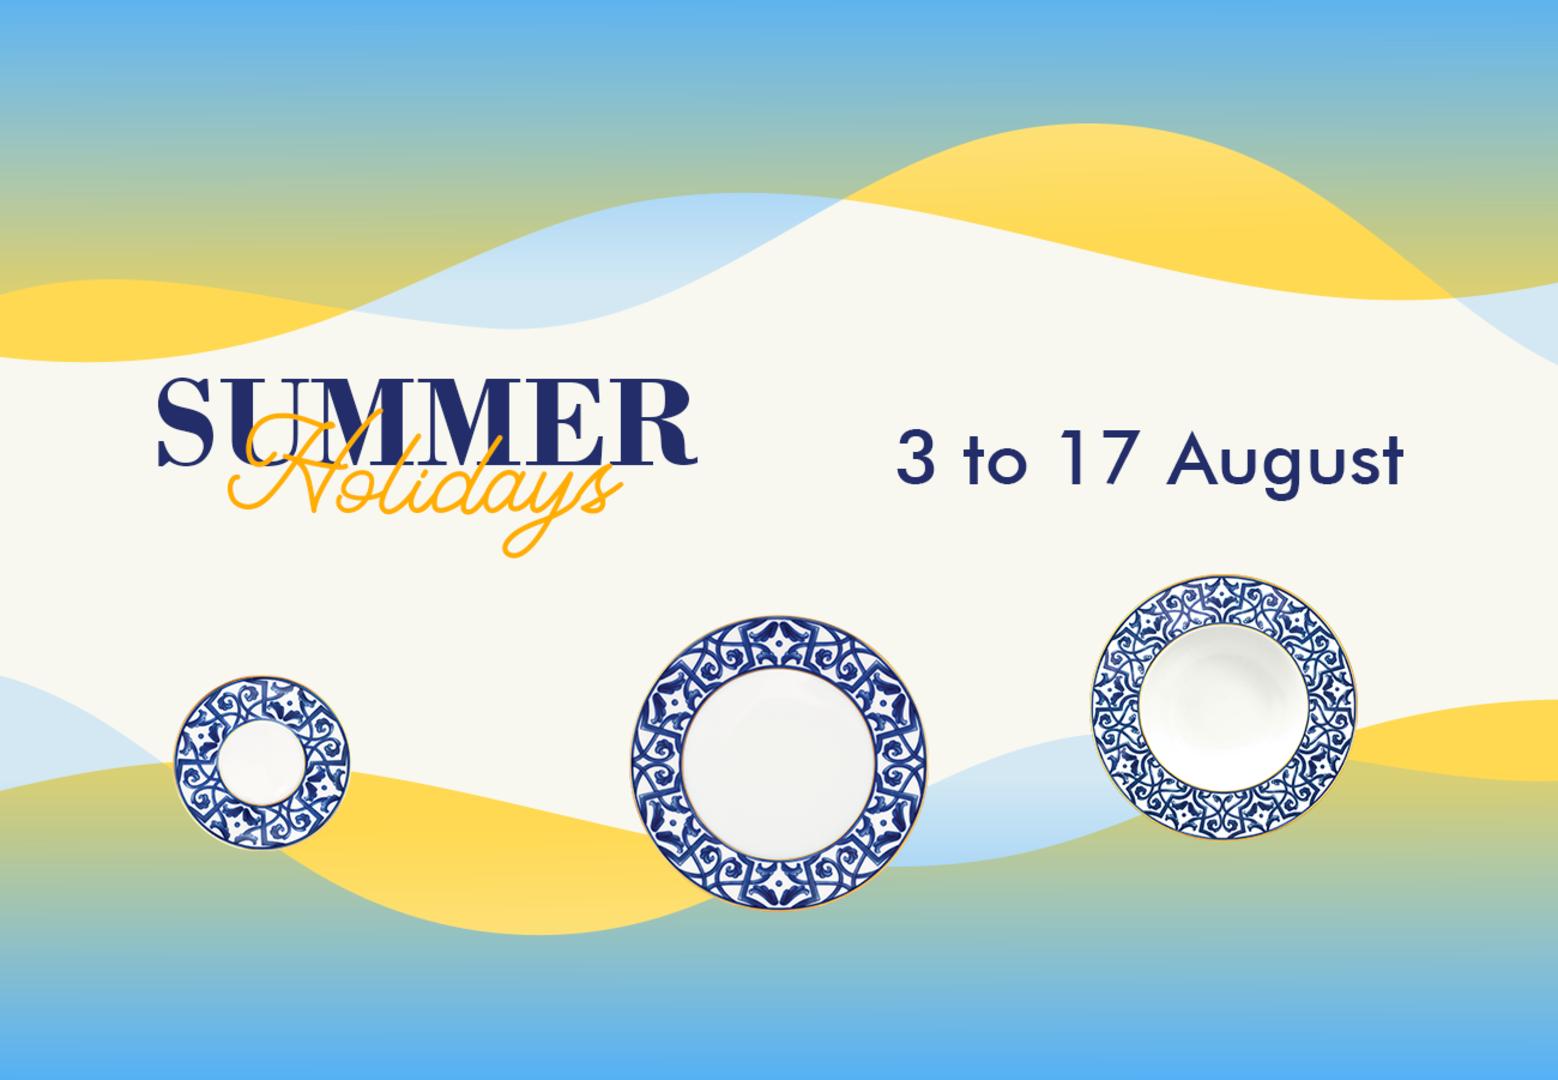 Summer Holidays 2020 3